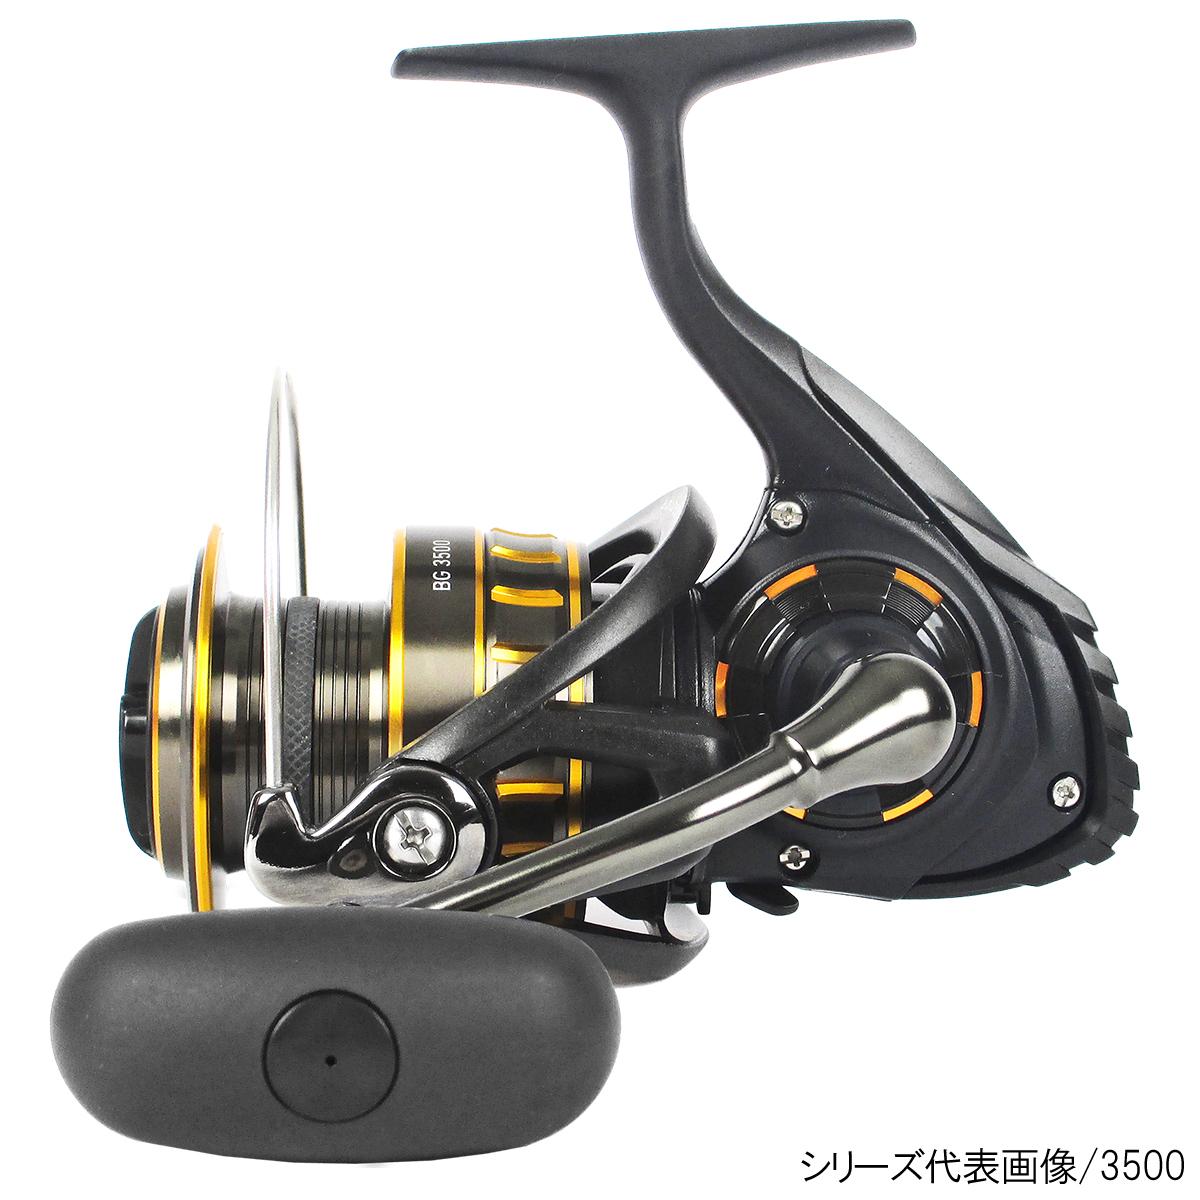 【8日最大8千円オフクーポン!】ダイワ BG 3500H